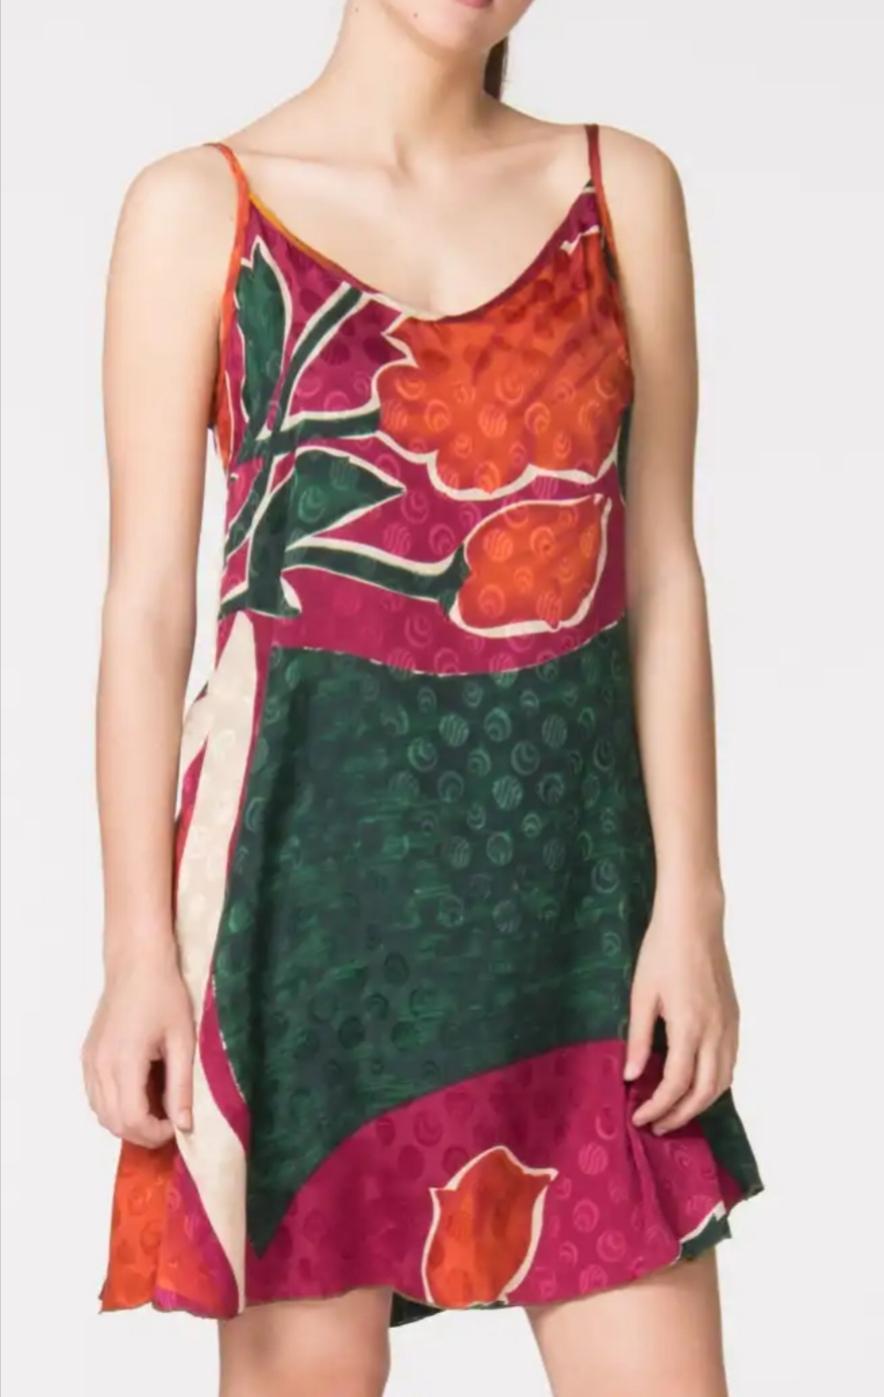 sale retailer 5f7d4 ab80d Abbigliamento estivo da donna in offerta. Vestiti, giacche e ...